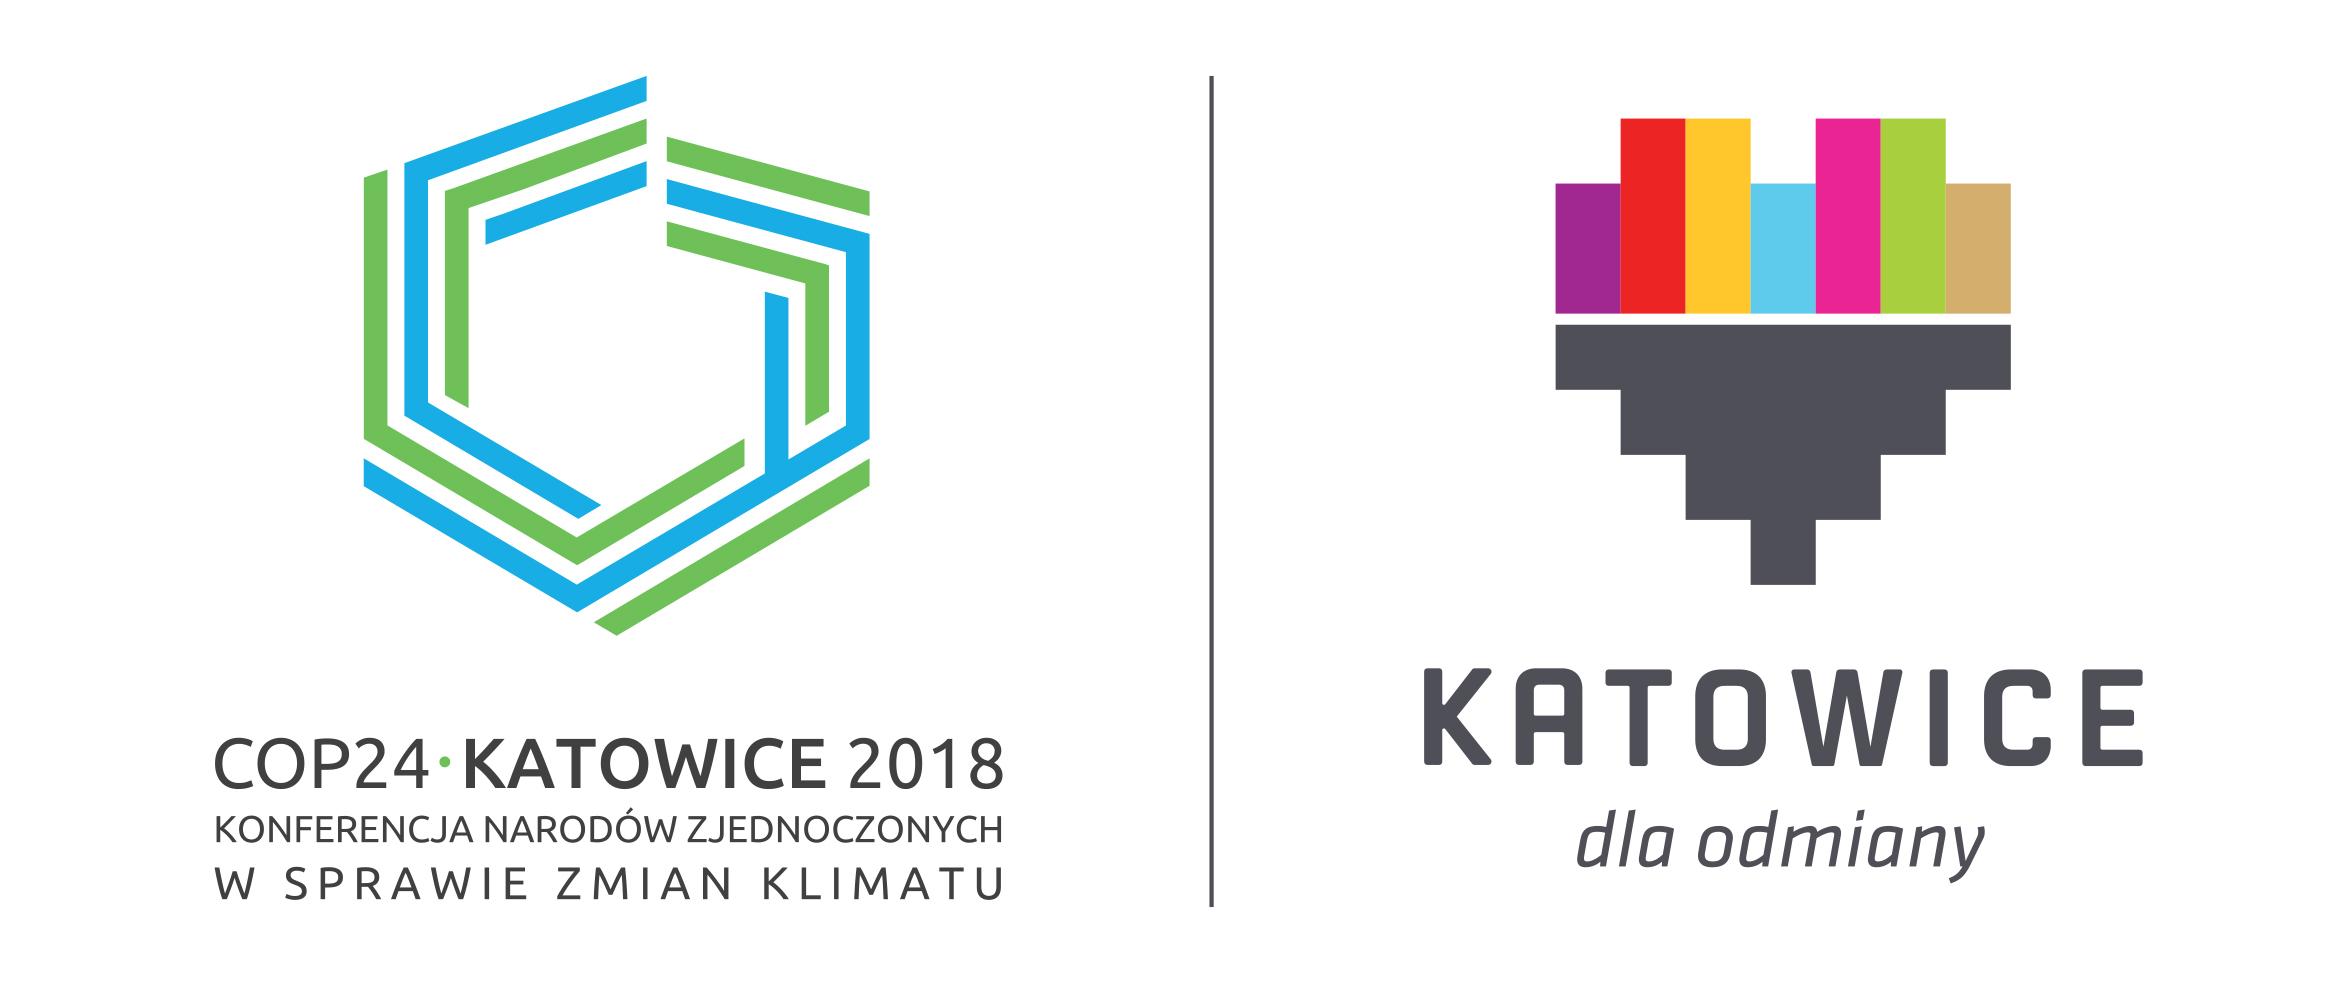 Konferencja Narodów Zjednoczonych - COP24 w Katowicach